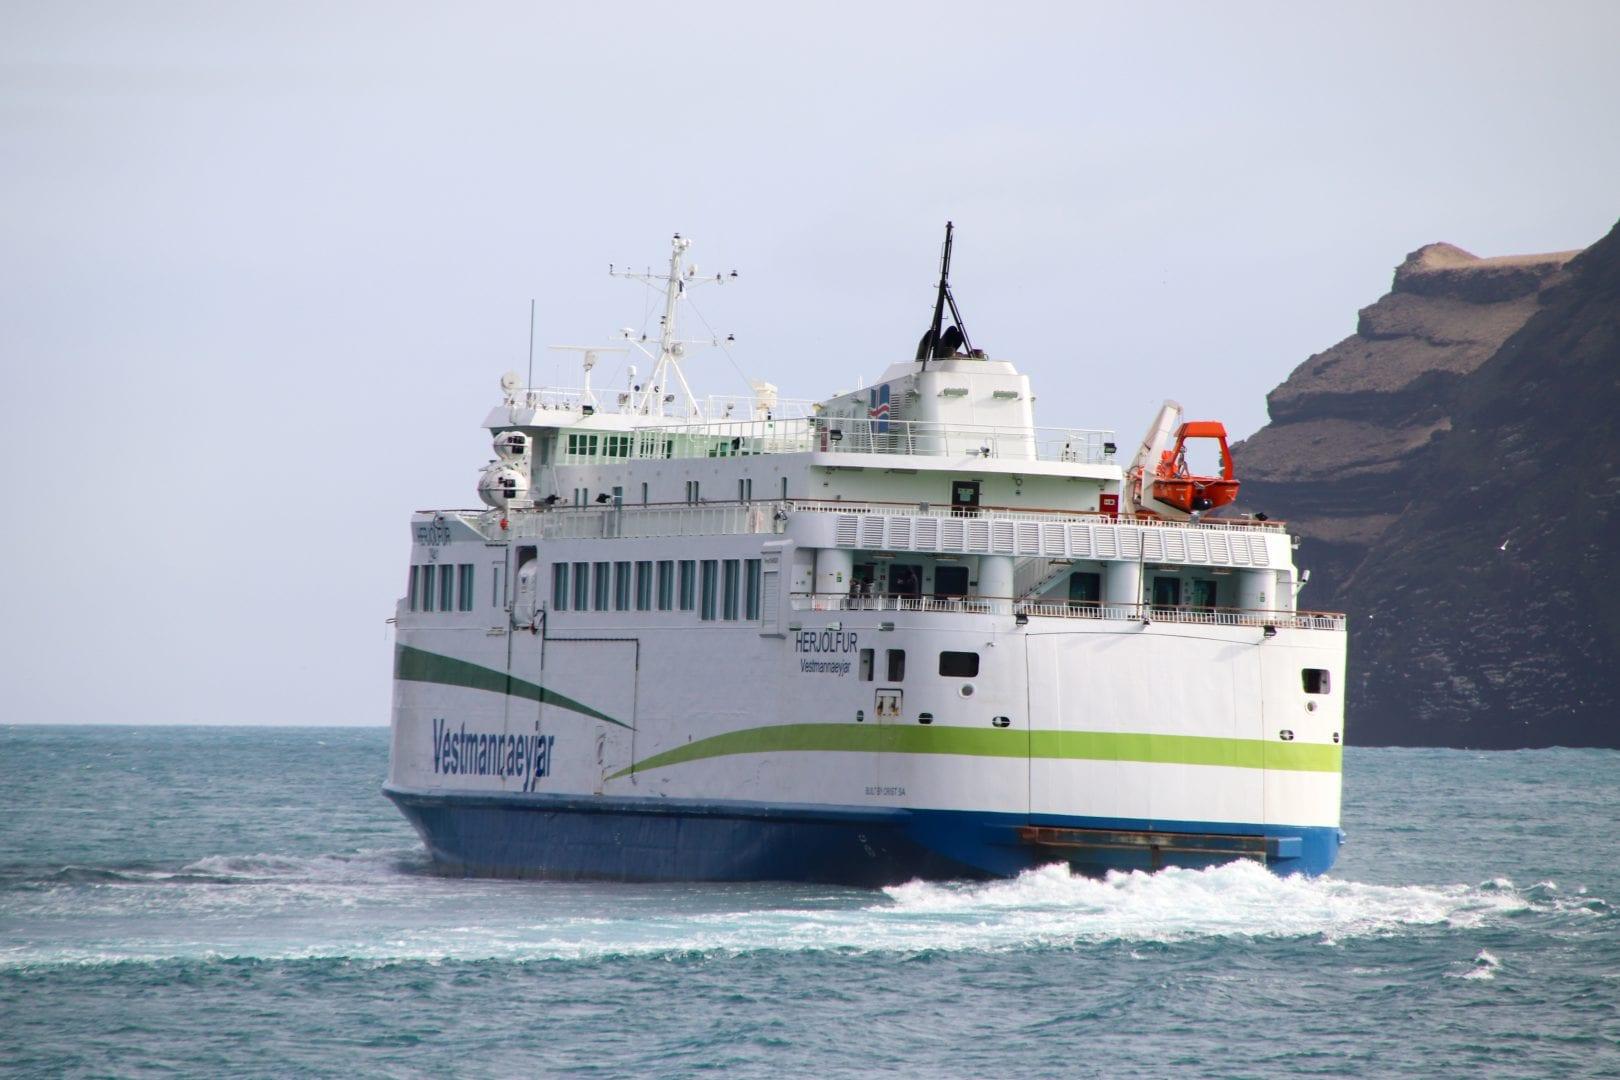 Herjólfur -Hólmgeir Austfjörð